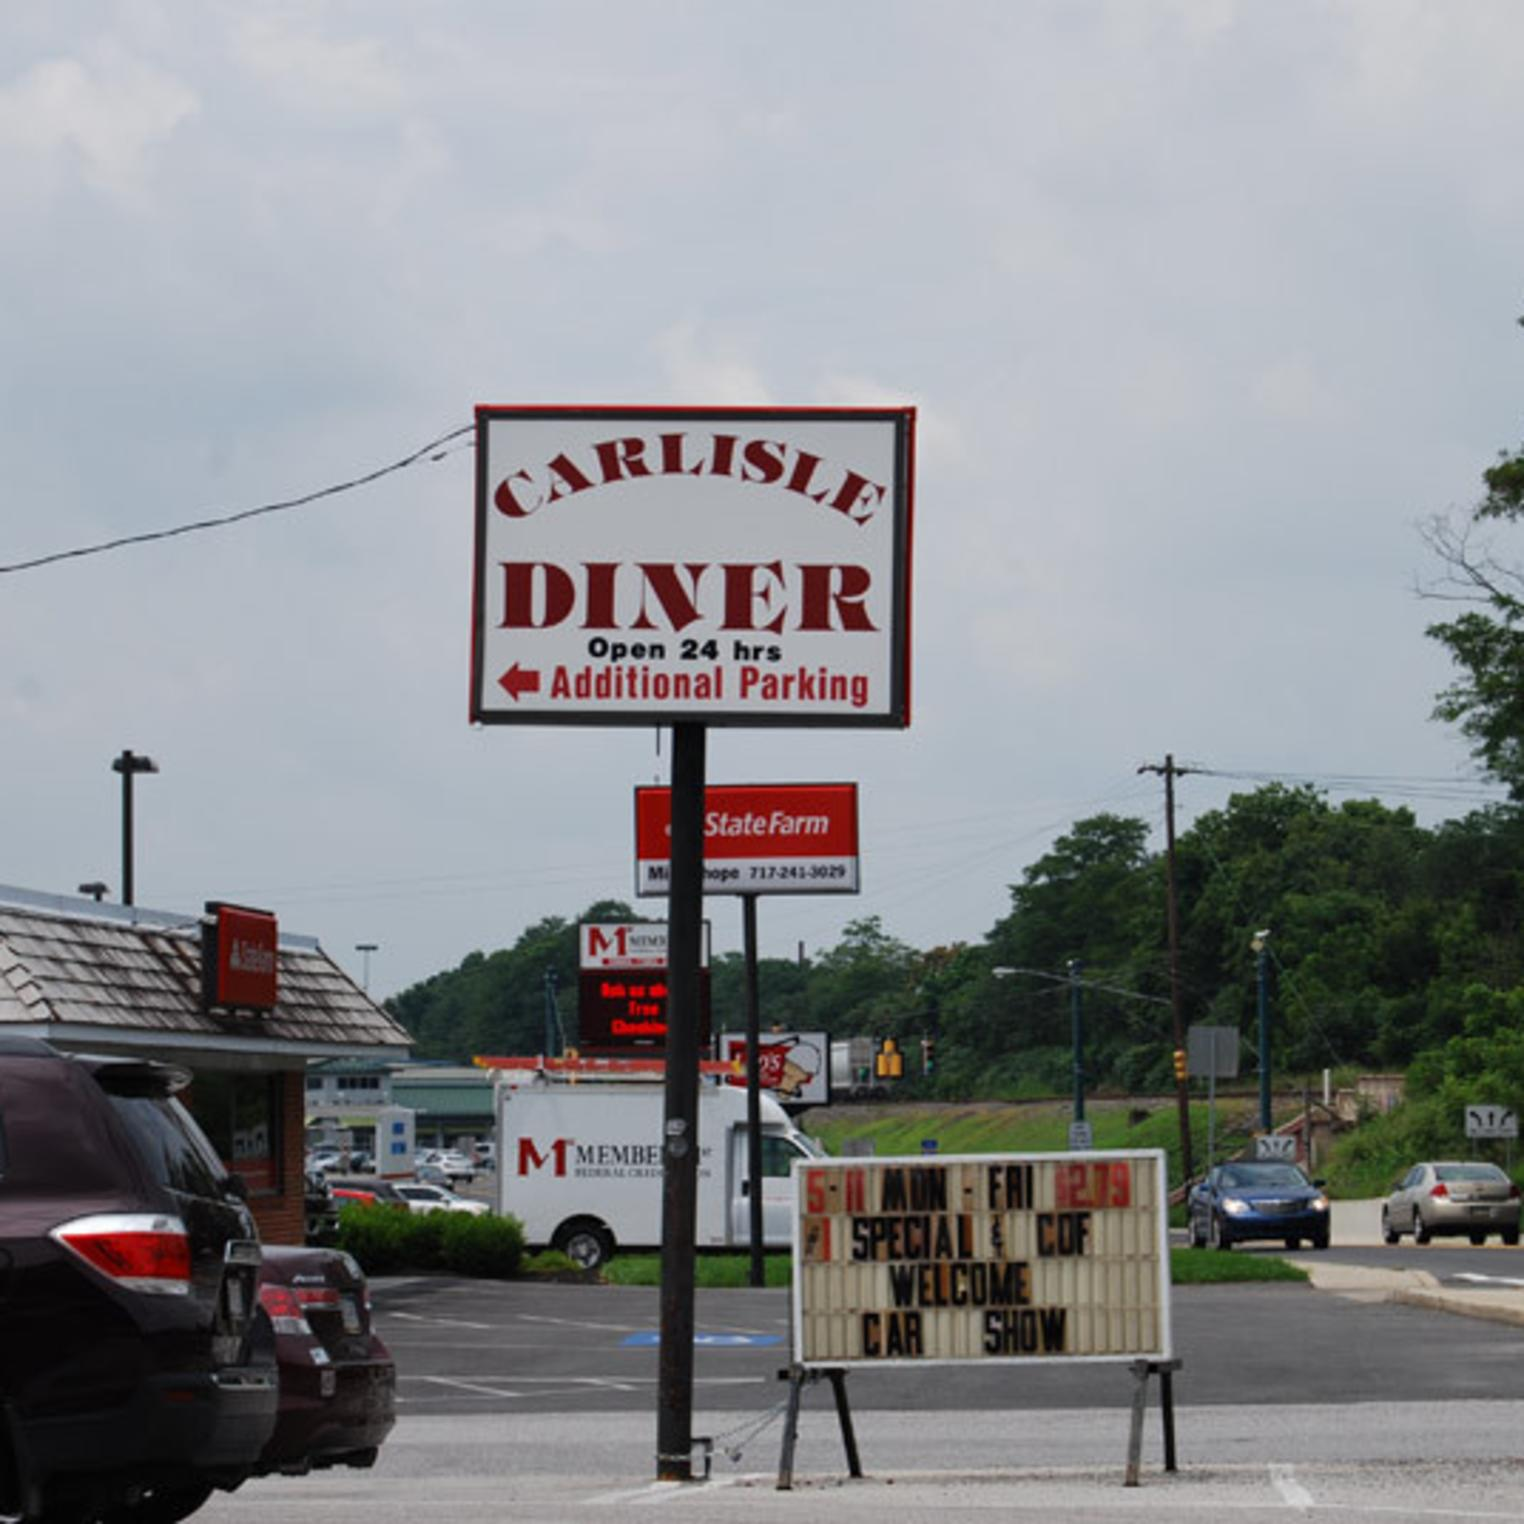 Carlisle Diner